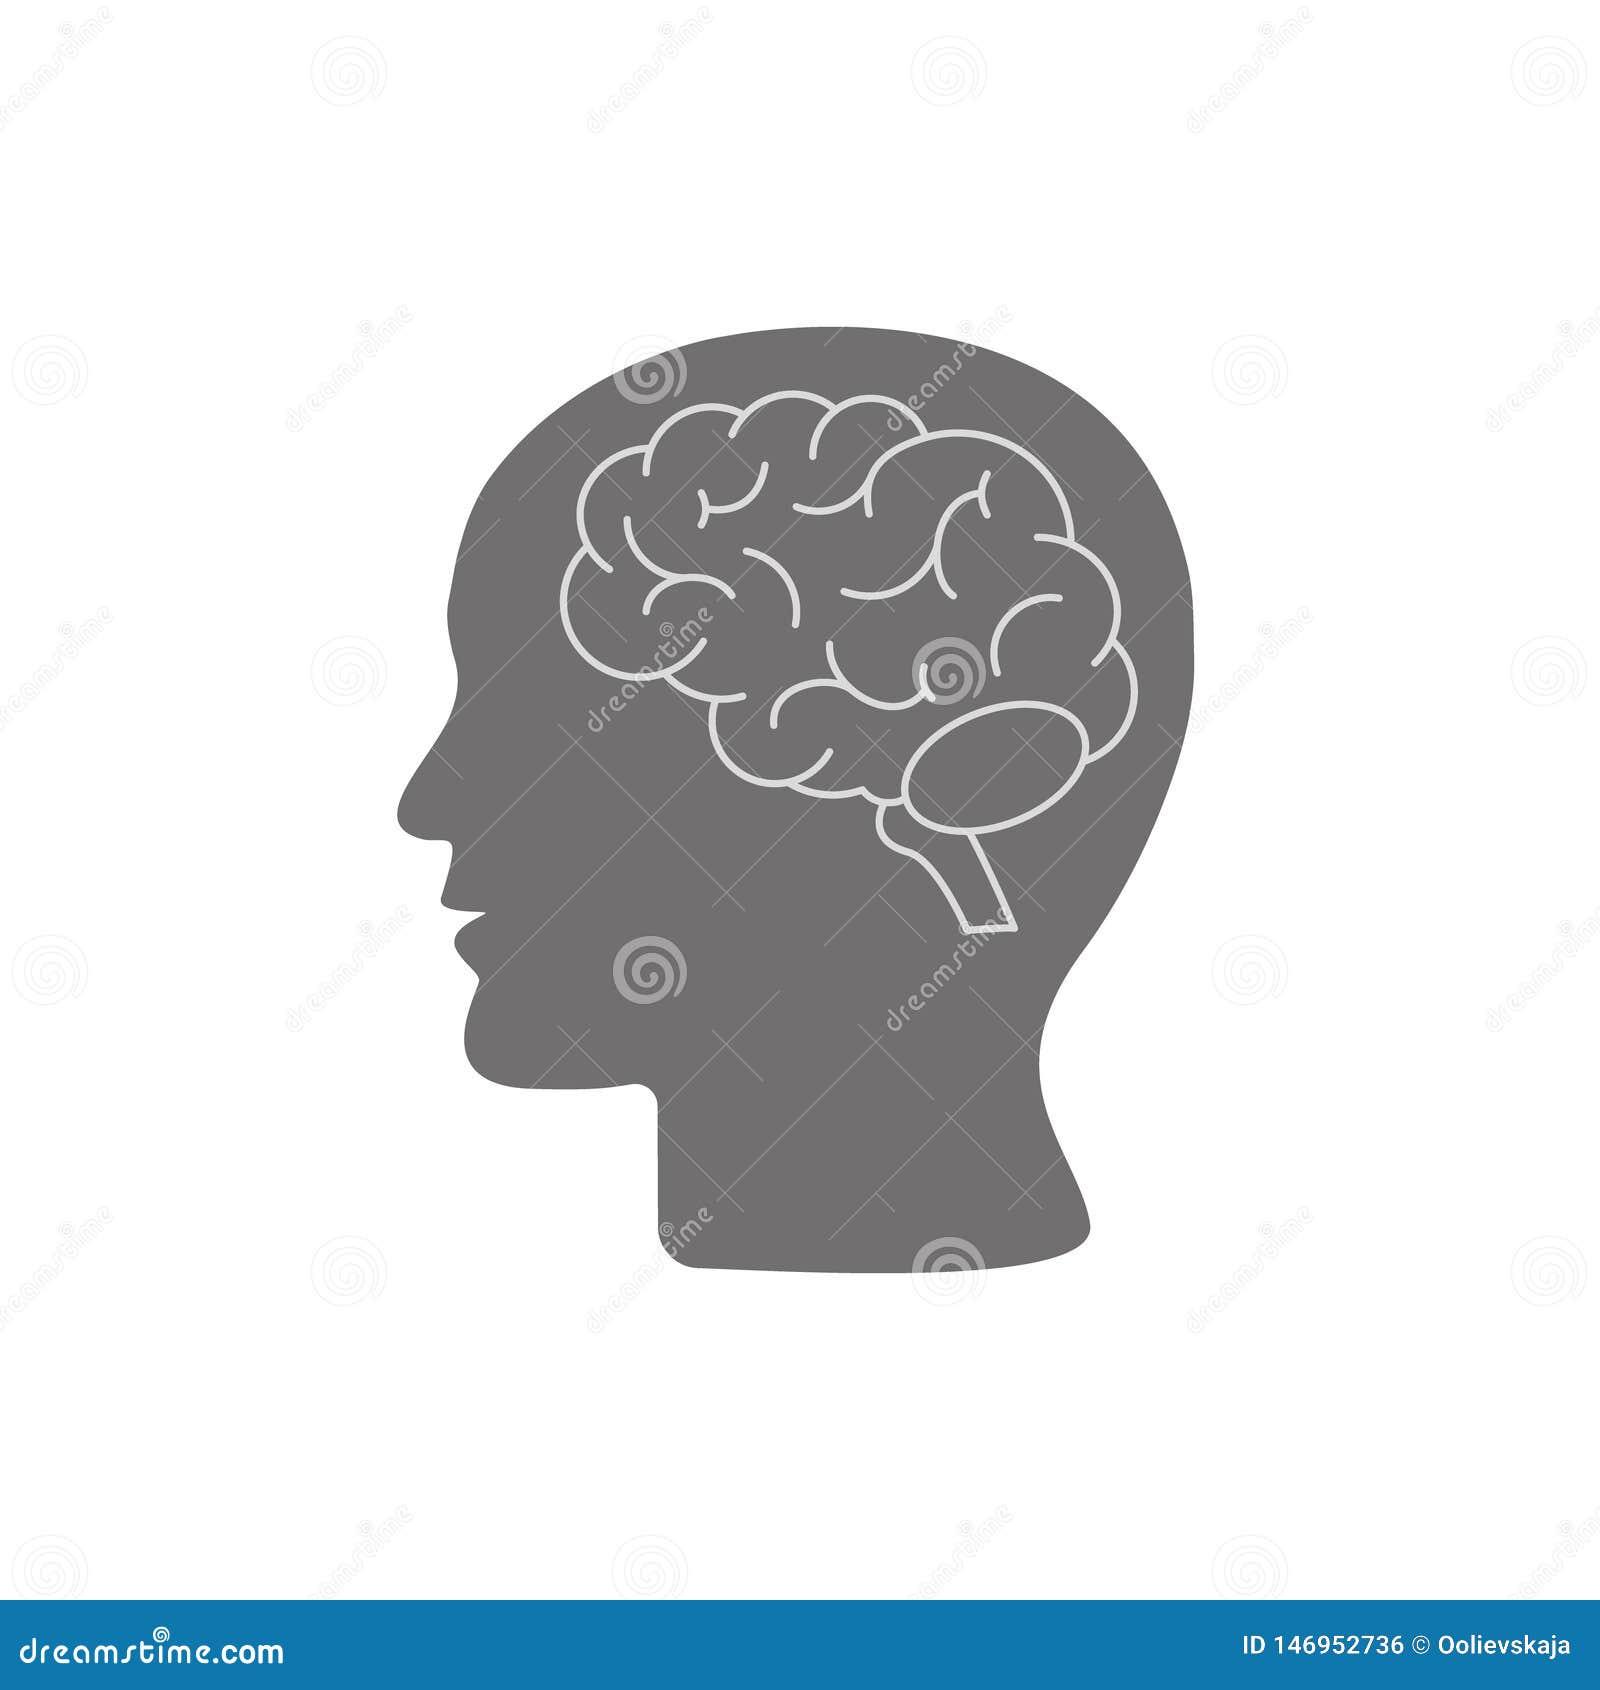 Ludzkiej g?owy profil z m??d?kowym symbolem, prosta czarna ikona, wektorowa ilustracja odizolowywaj?ca na bia?ym tle